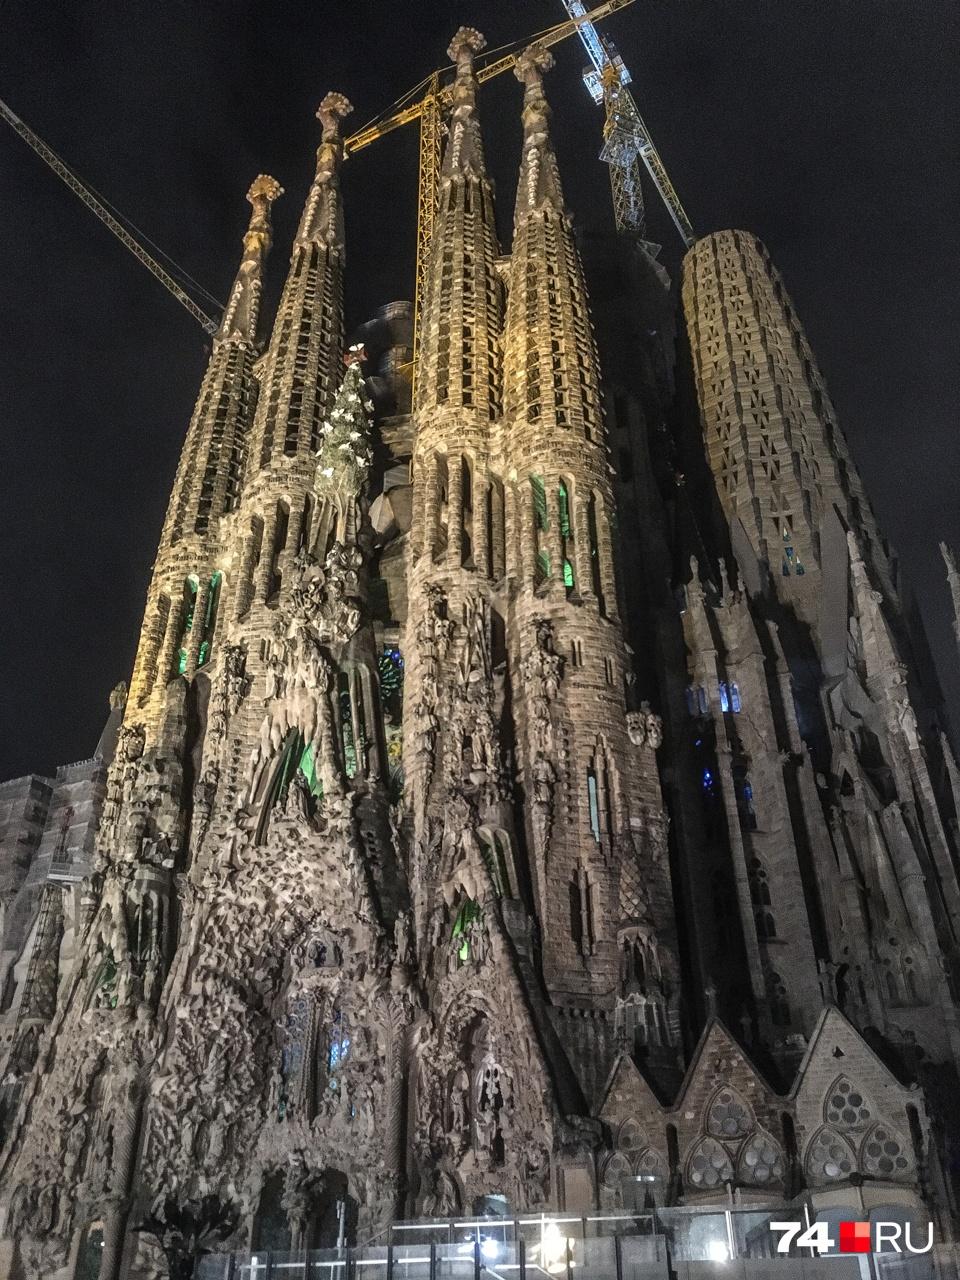 Наша первая цель: храм Sagrada Familia начали строить в 1882 году, а закончат, предположительно, в 2026 году, через сто лет после смерти Антонио Гауди